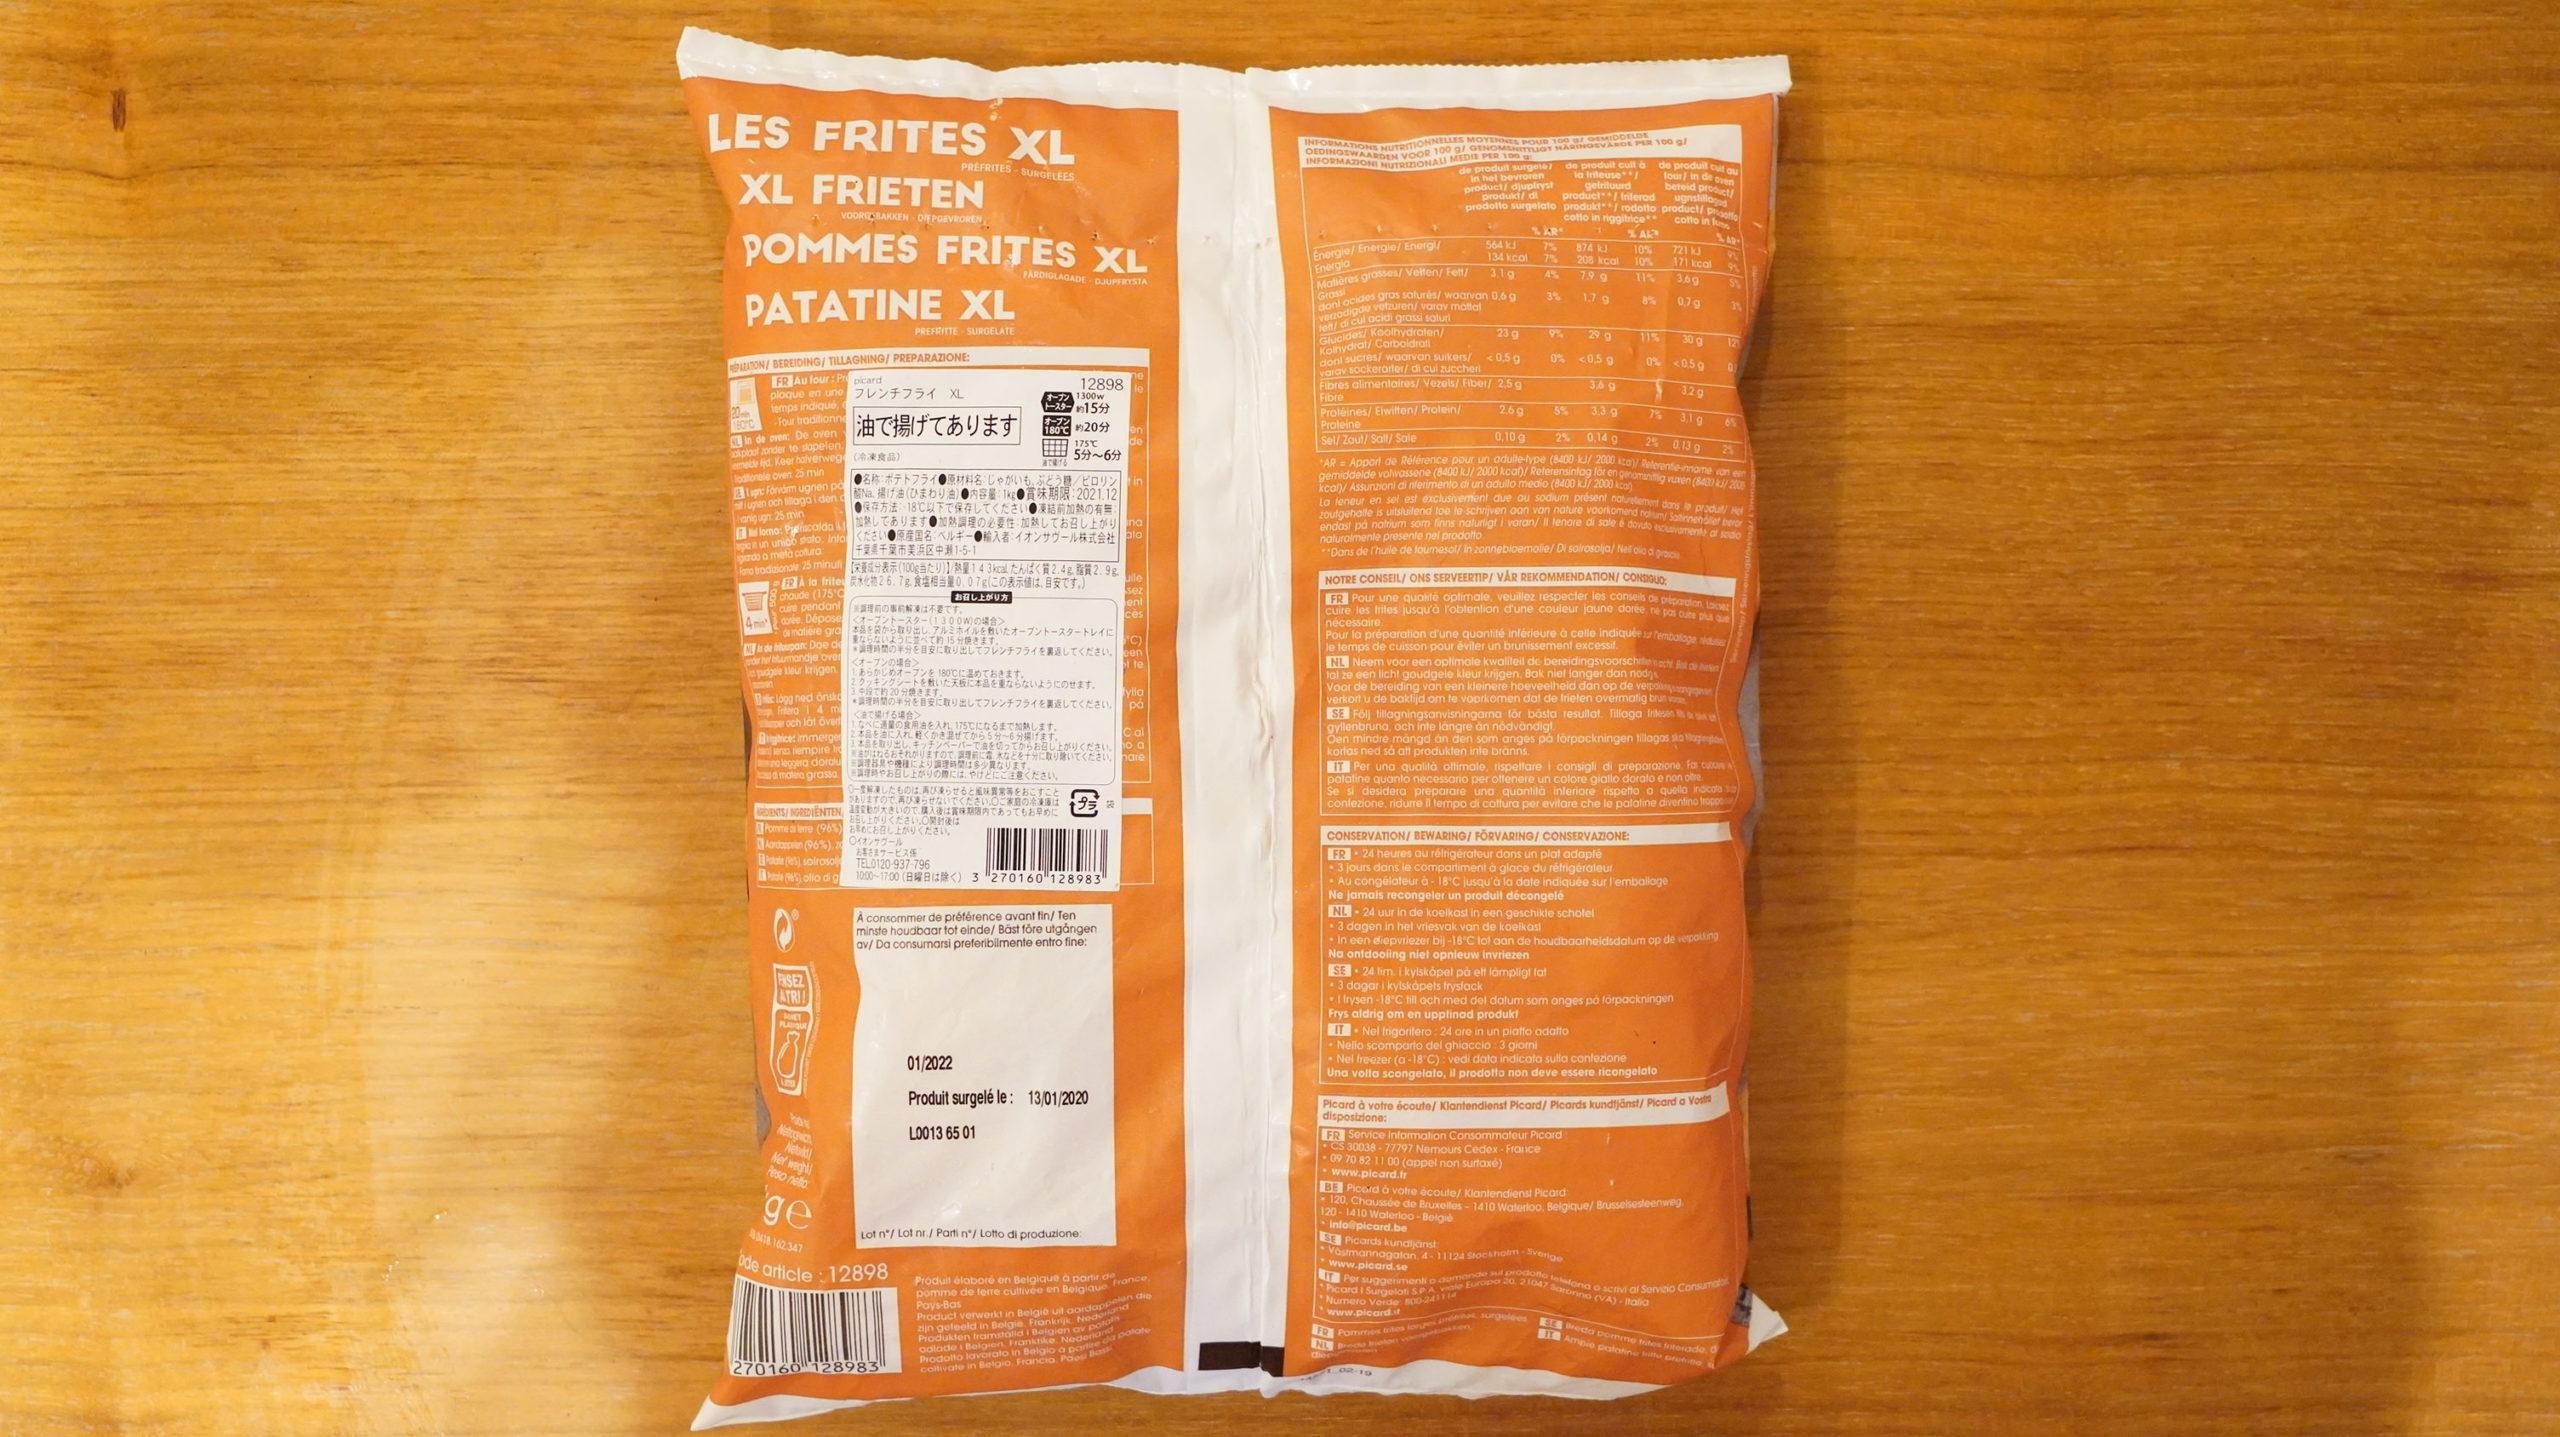 ピカールの冷凍食品「フレンチフライ XL」のパッケージの裏面の写真